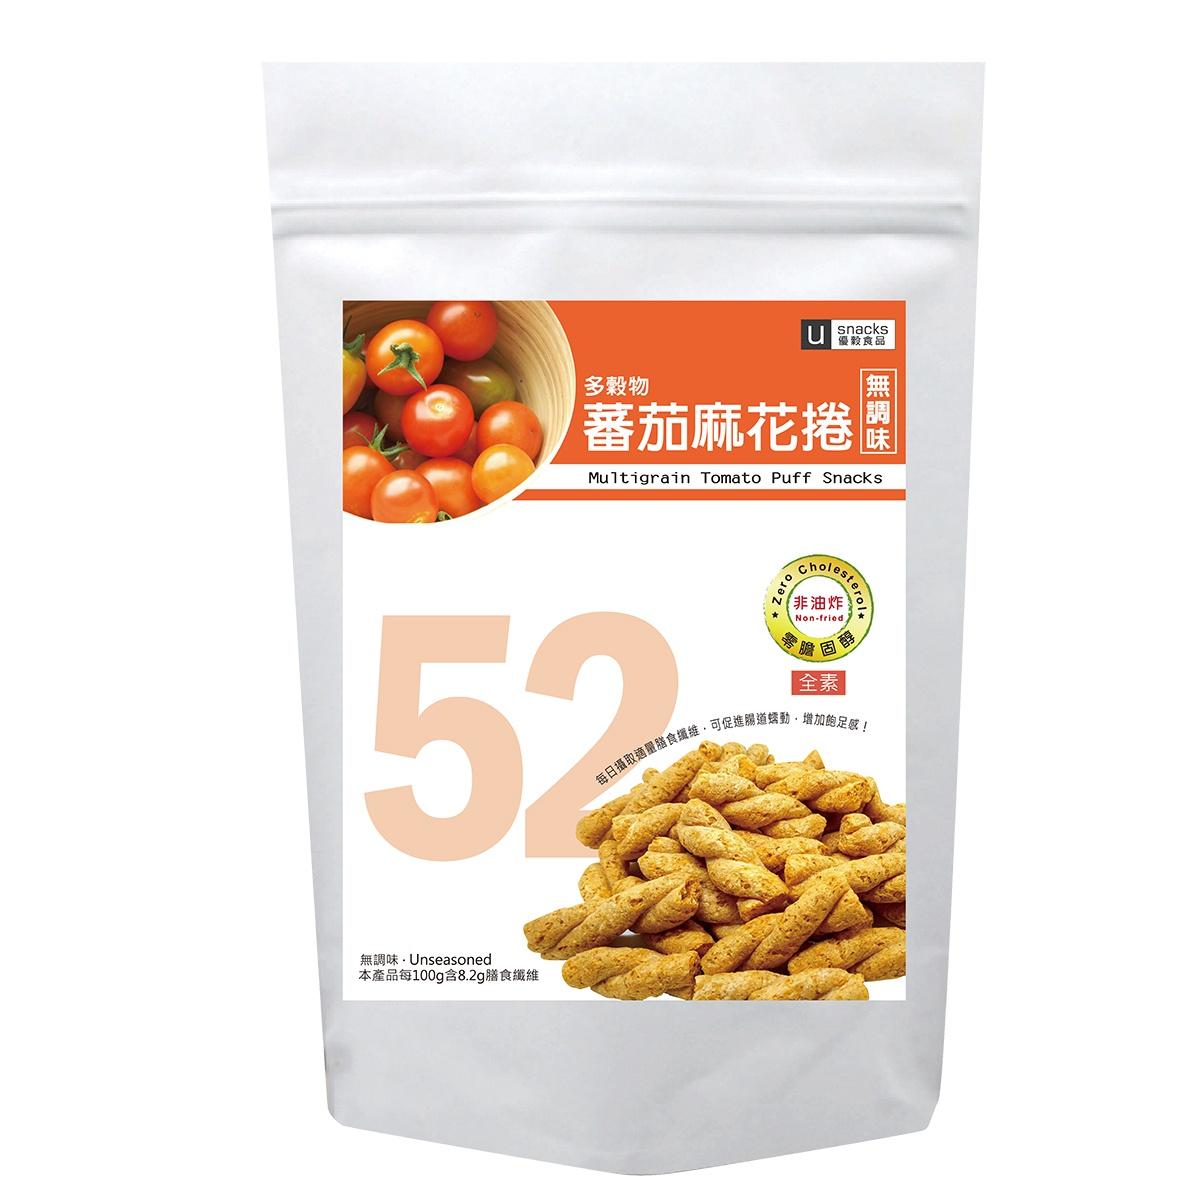 多穀物蕃茄麻花捲(未調味) 120g